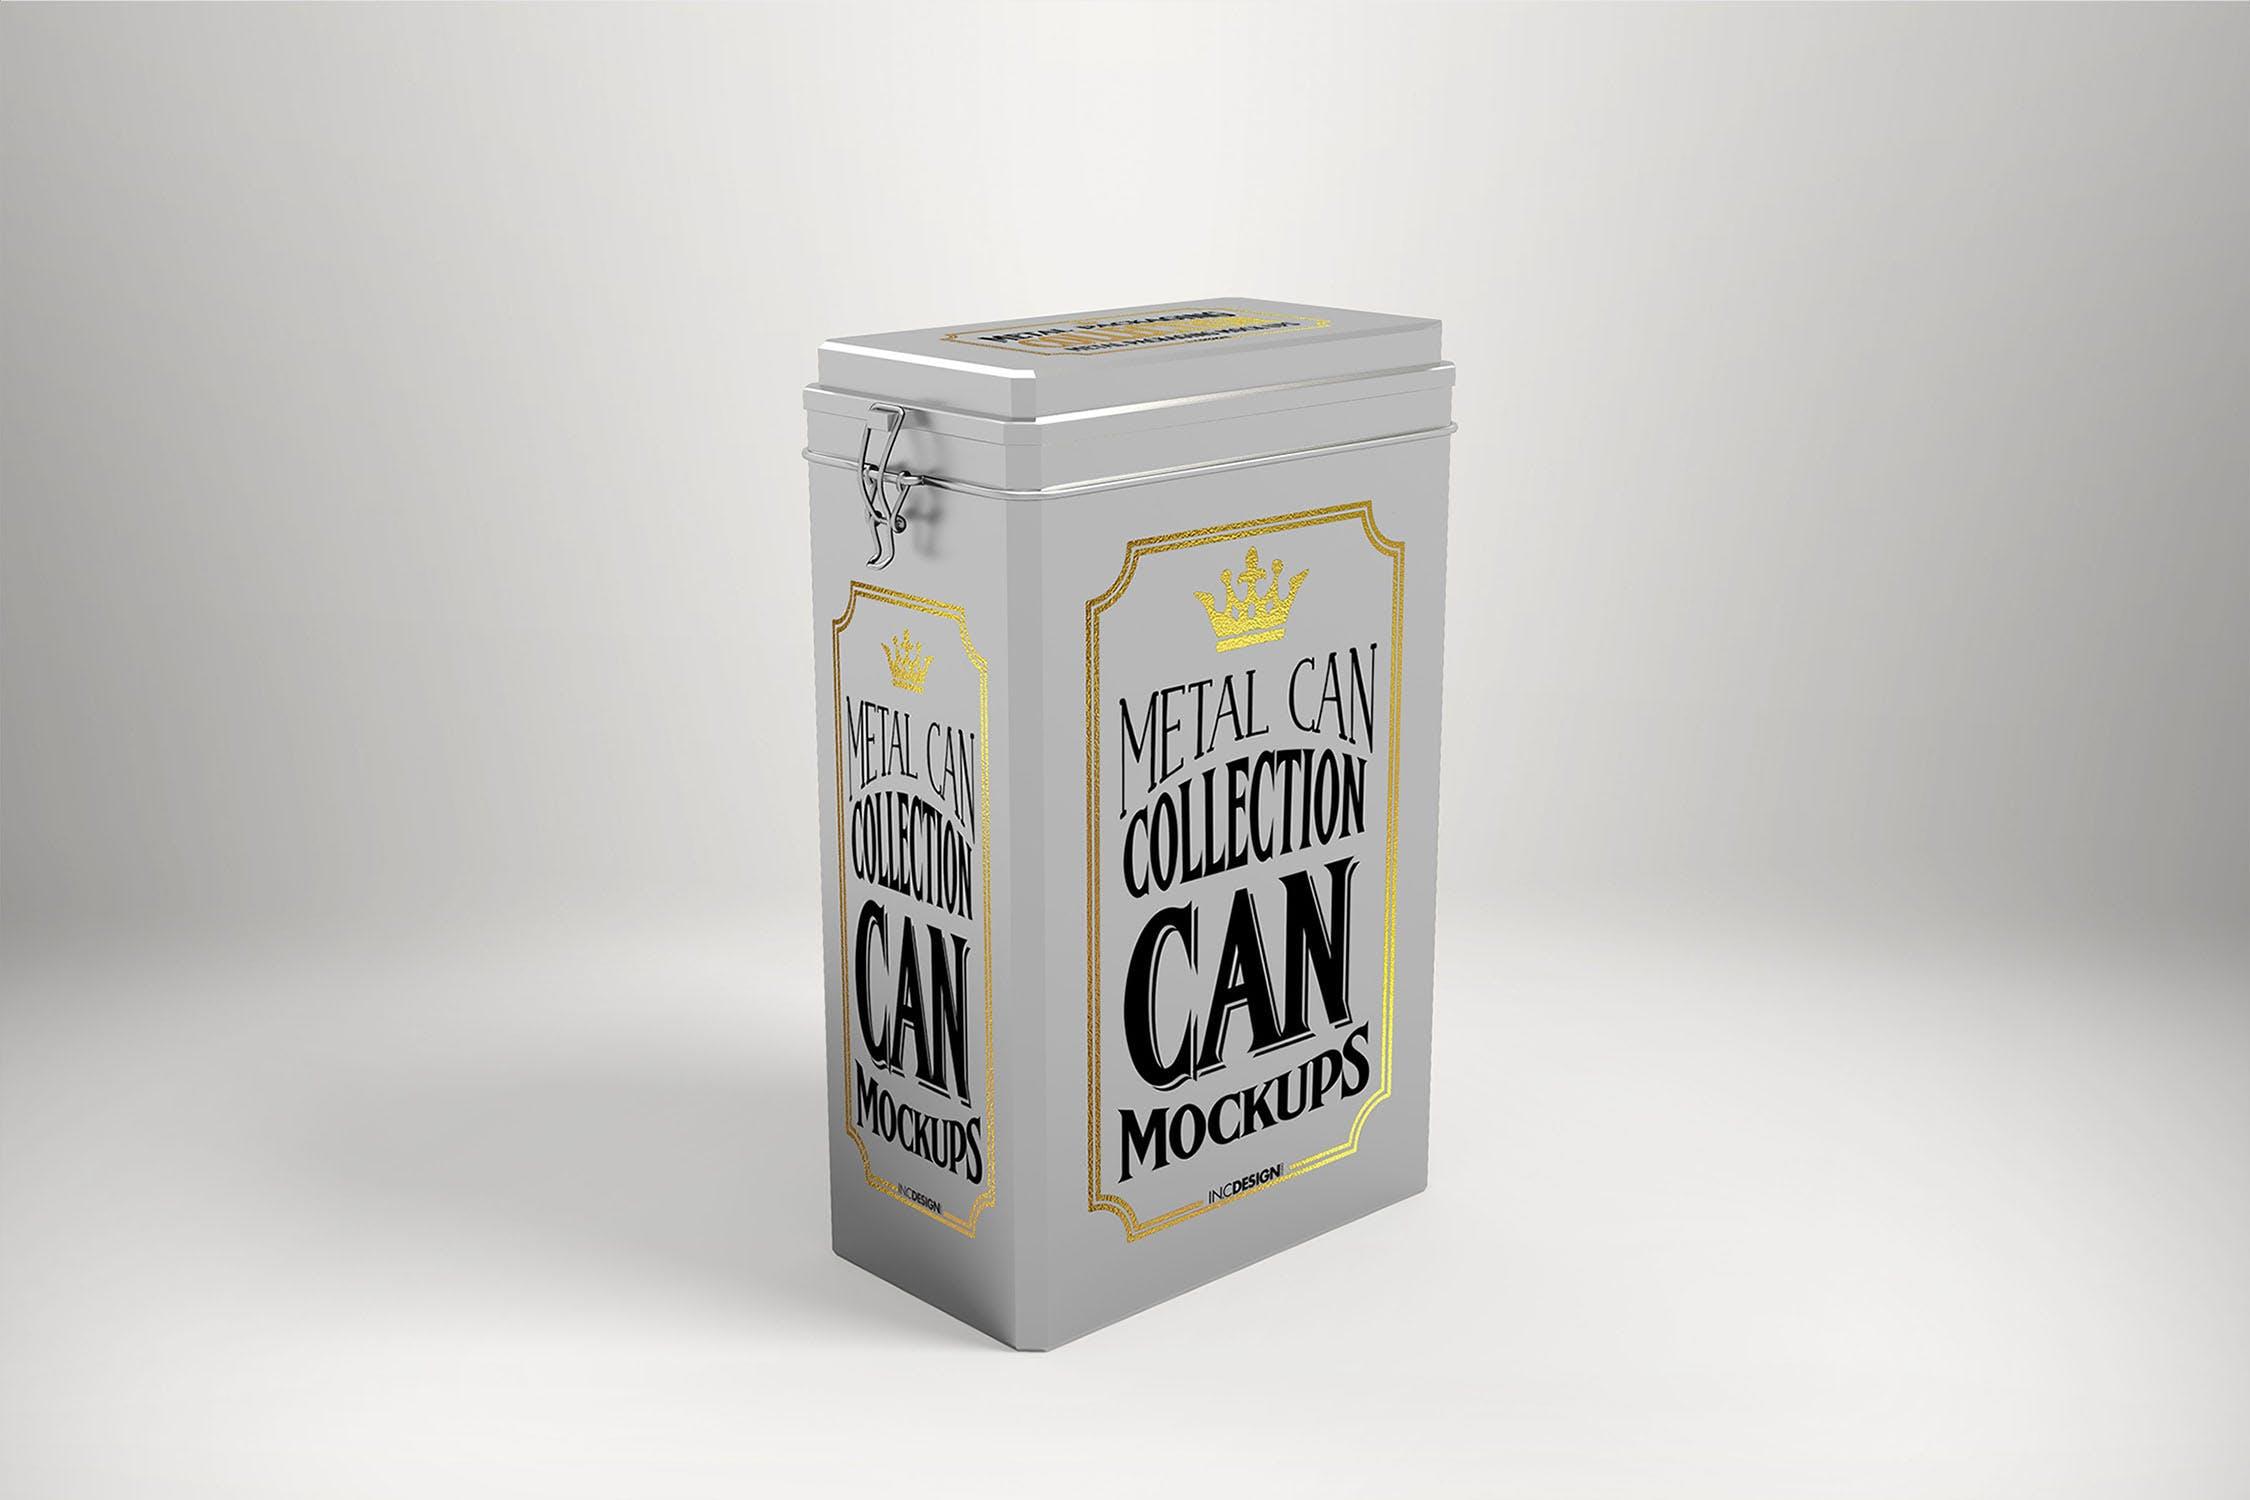 (精品)金属罐包装盒样机模板展示素材Vol. 3 Metal Can Mockup Collection